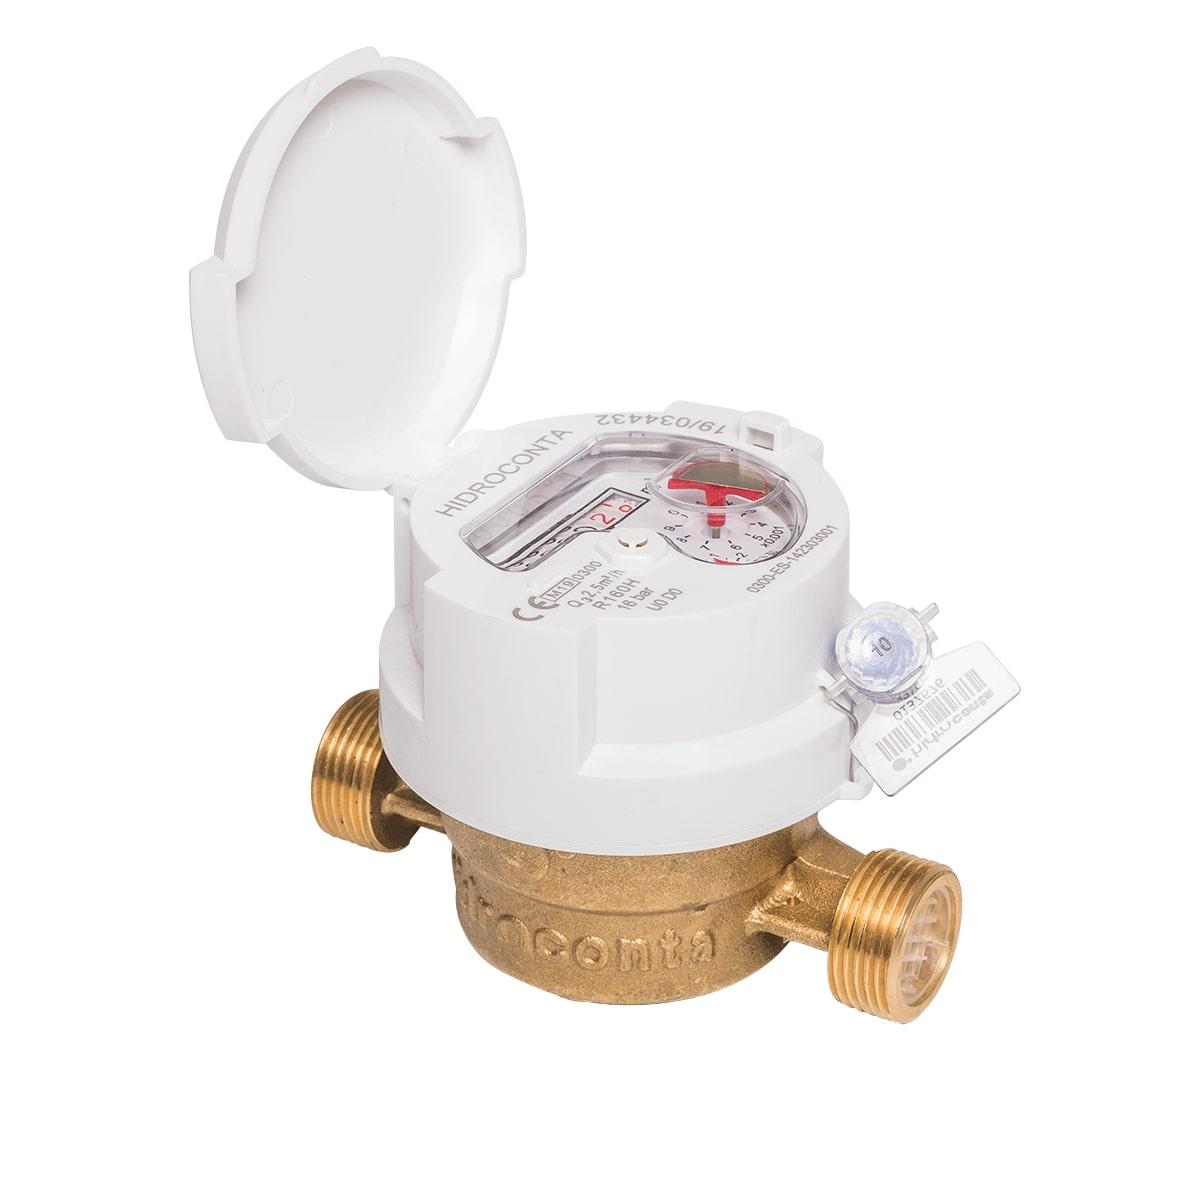 Contador de agua potable inductivo